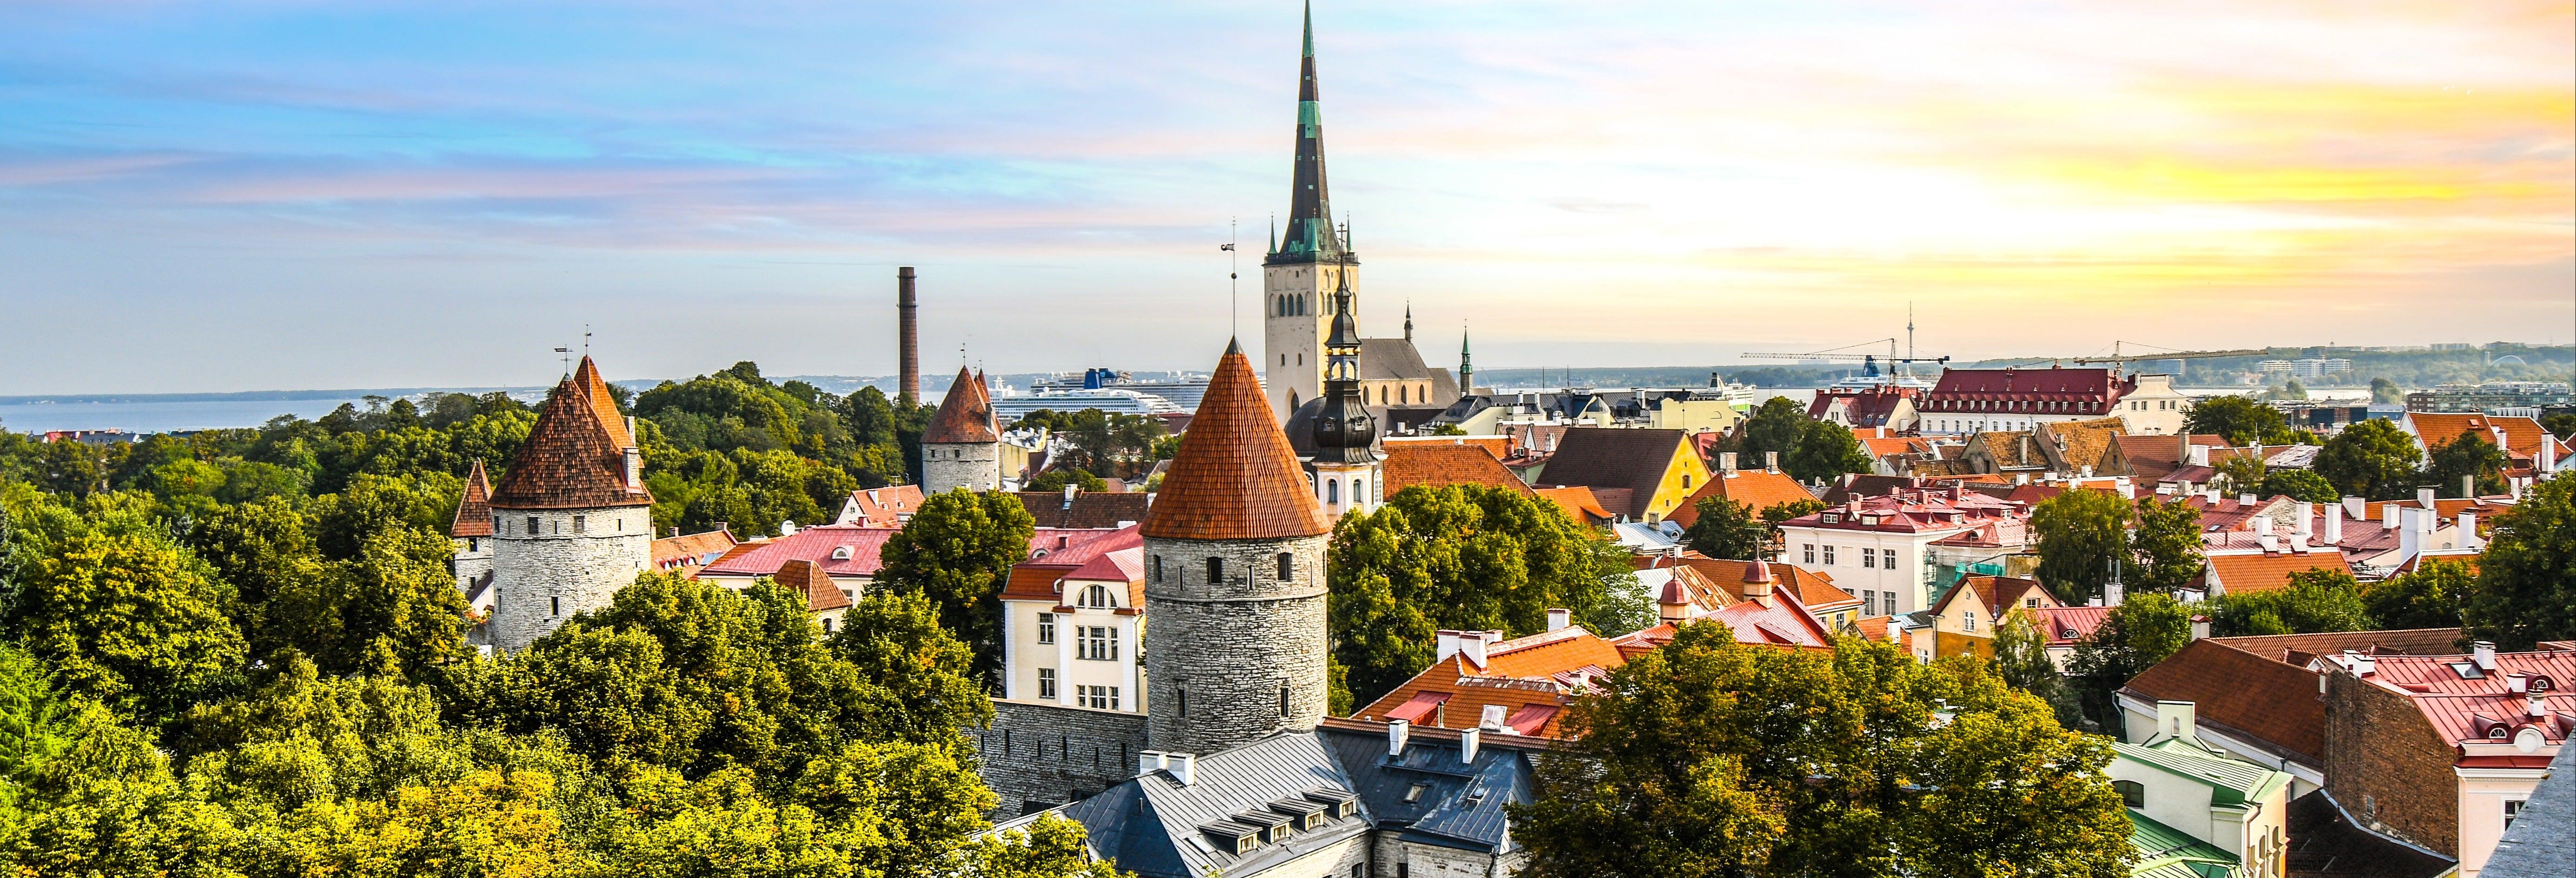 Tour privado por Tallinn com guia em português